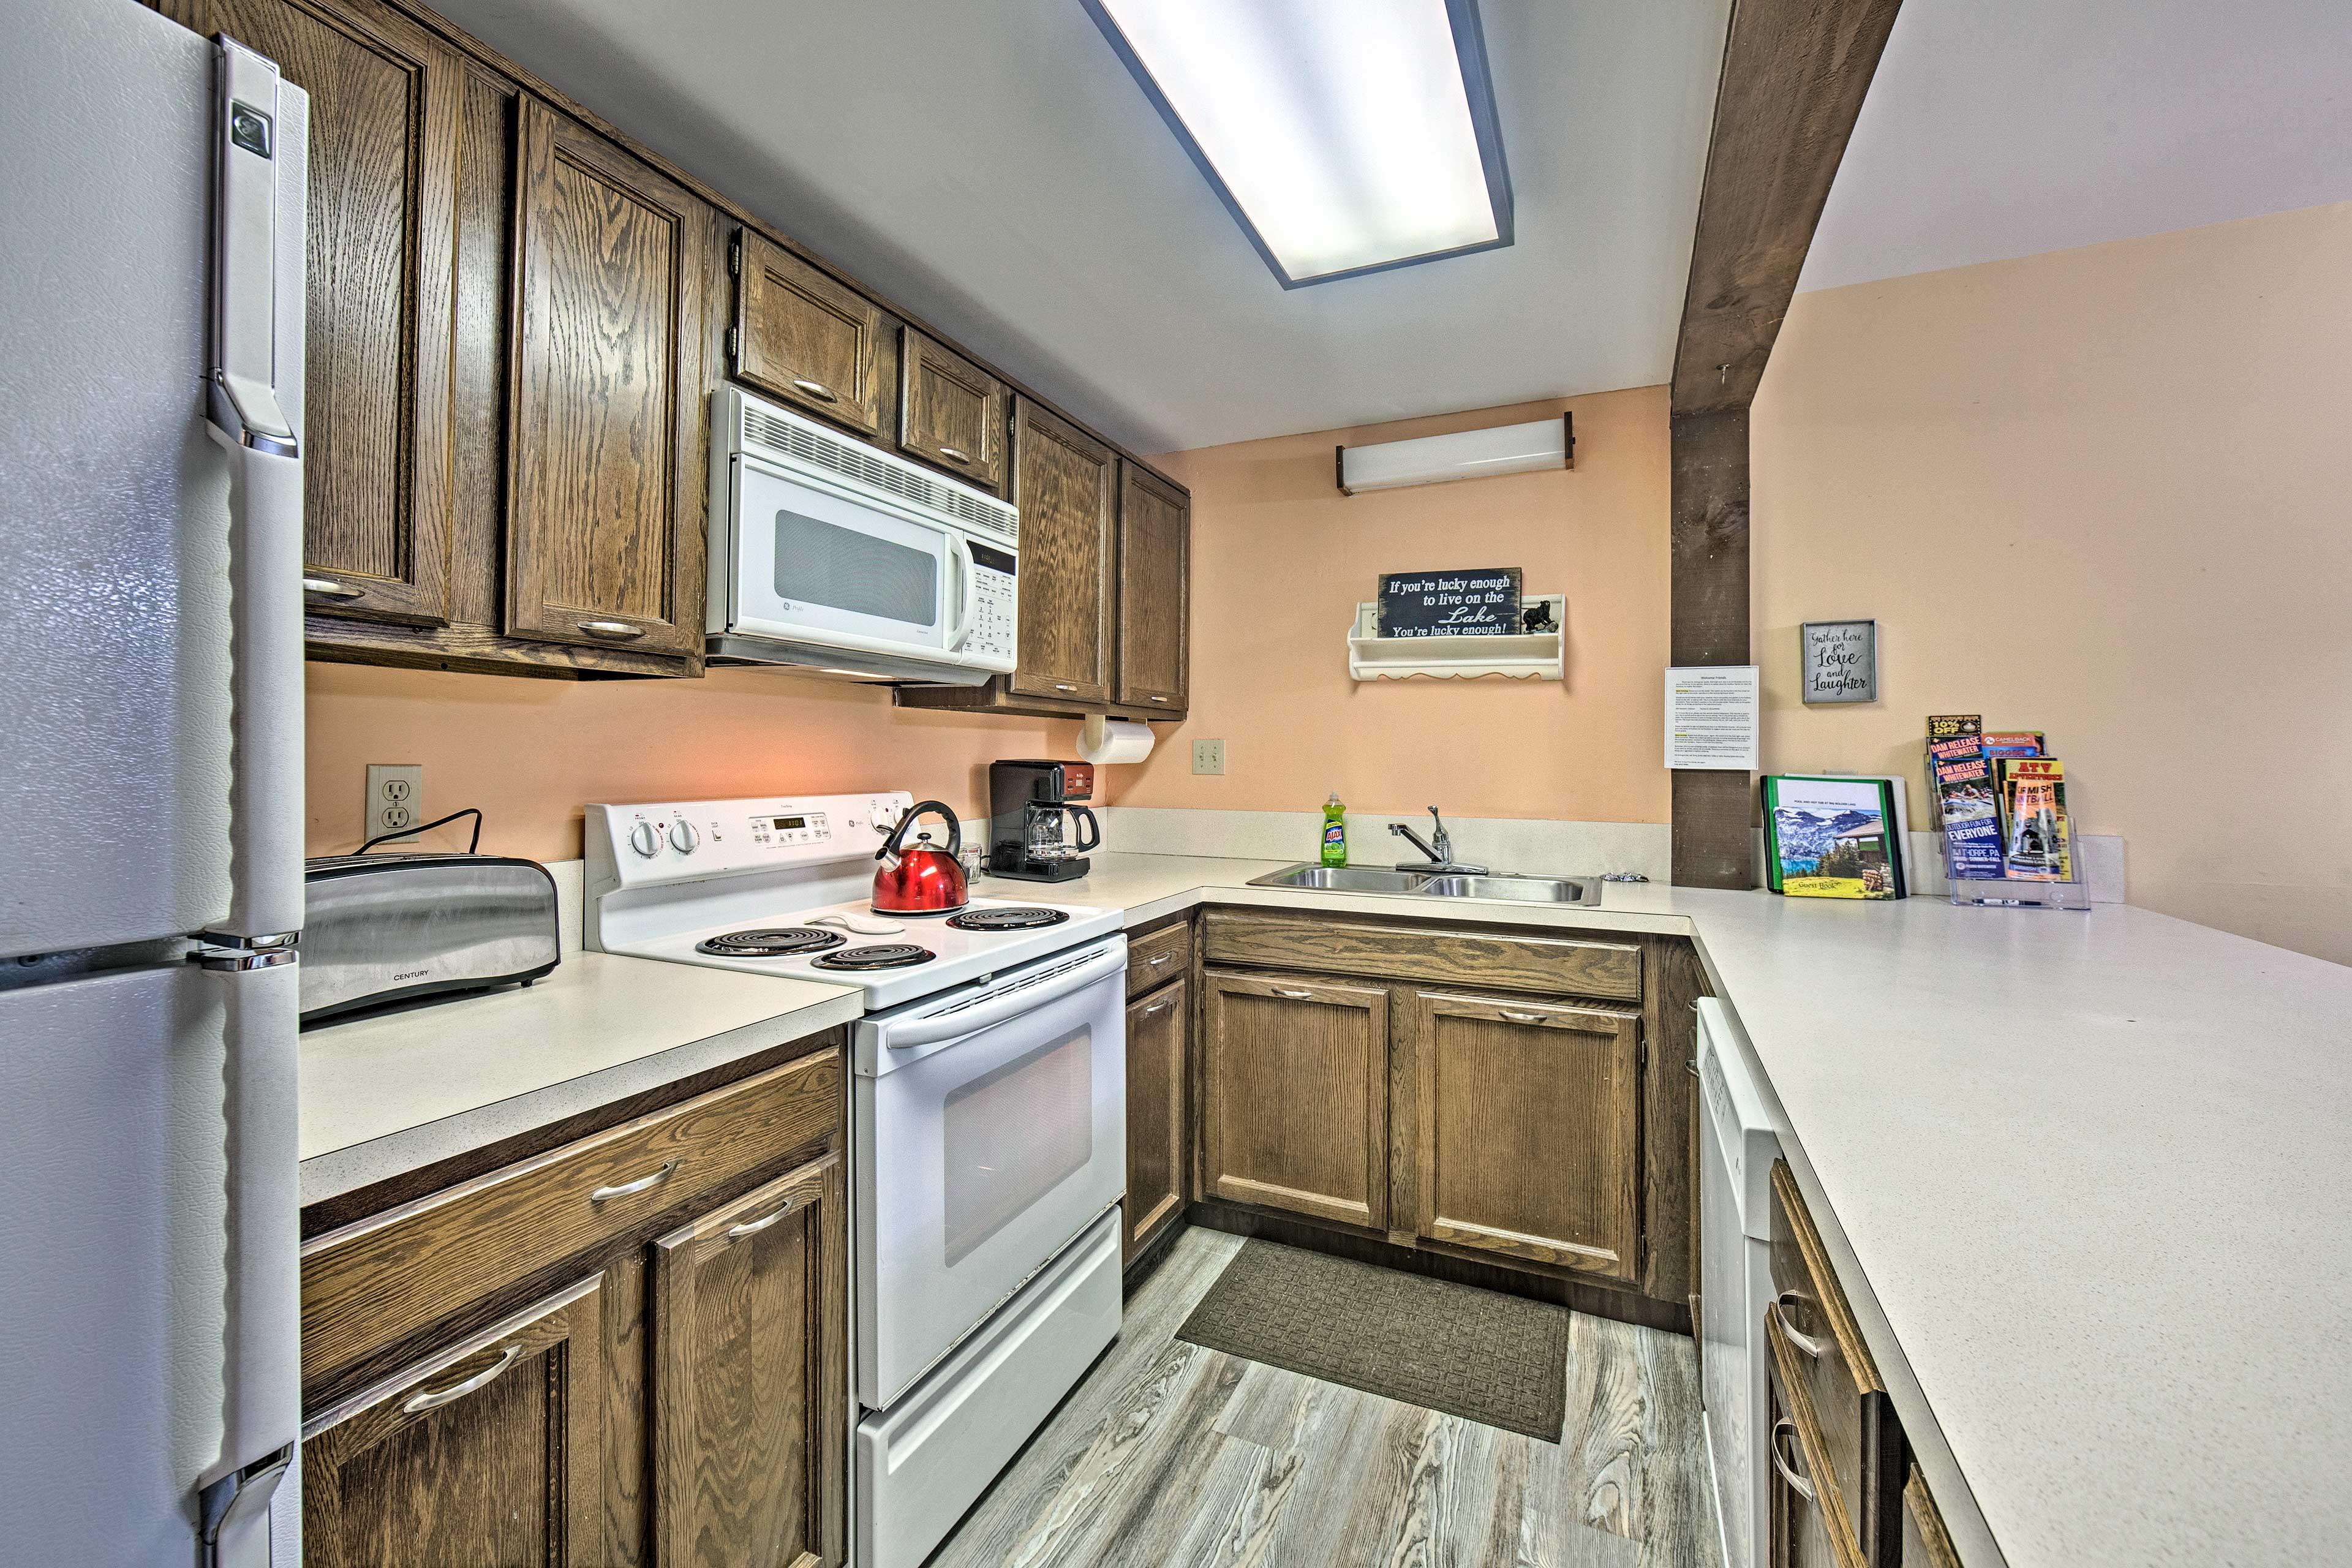 Kitchen   Dishware/Flatware   Pots/Pans